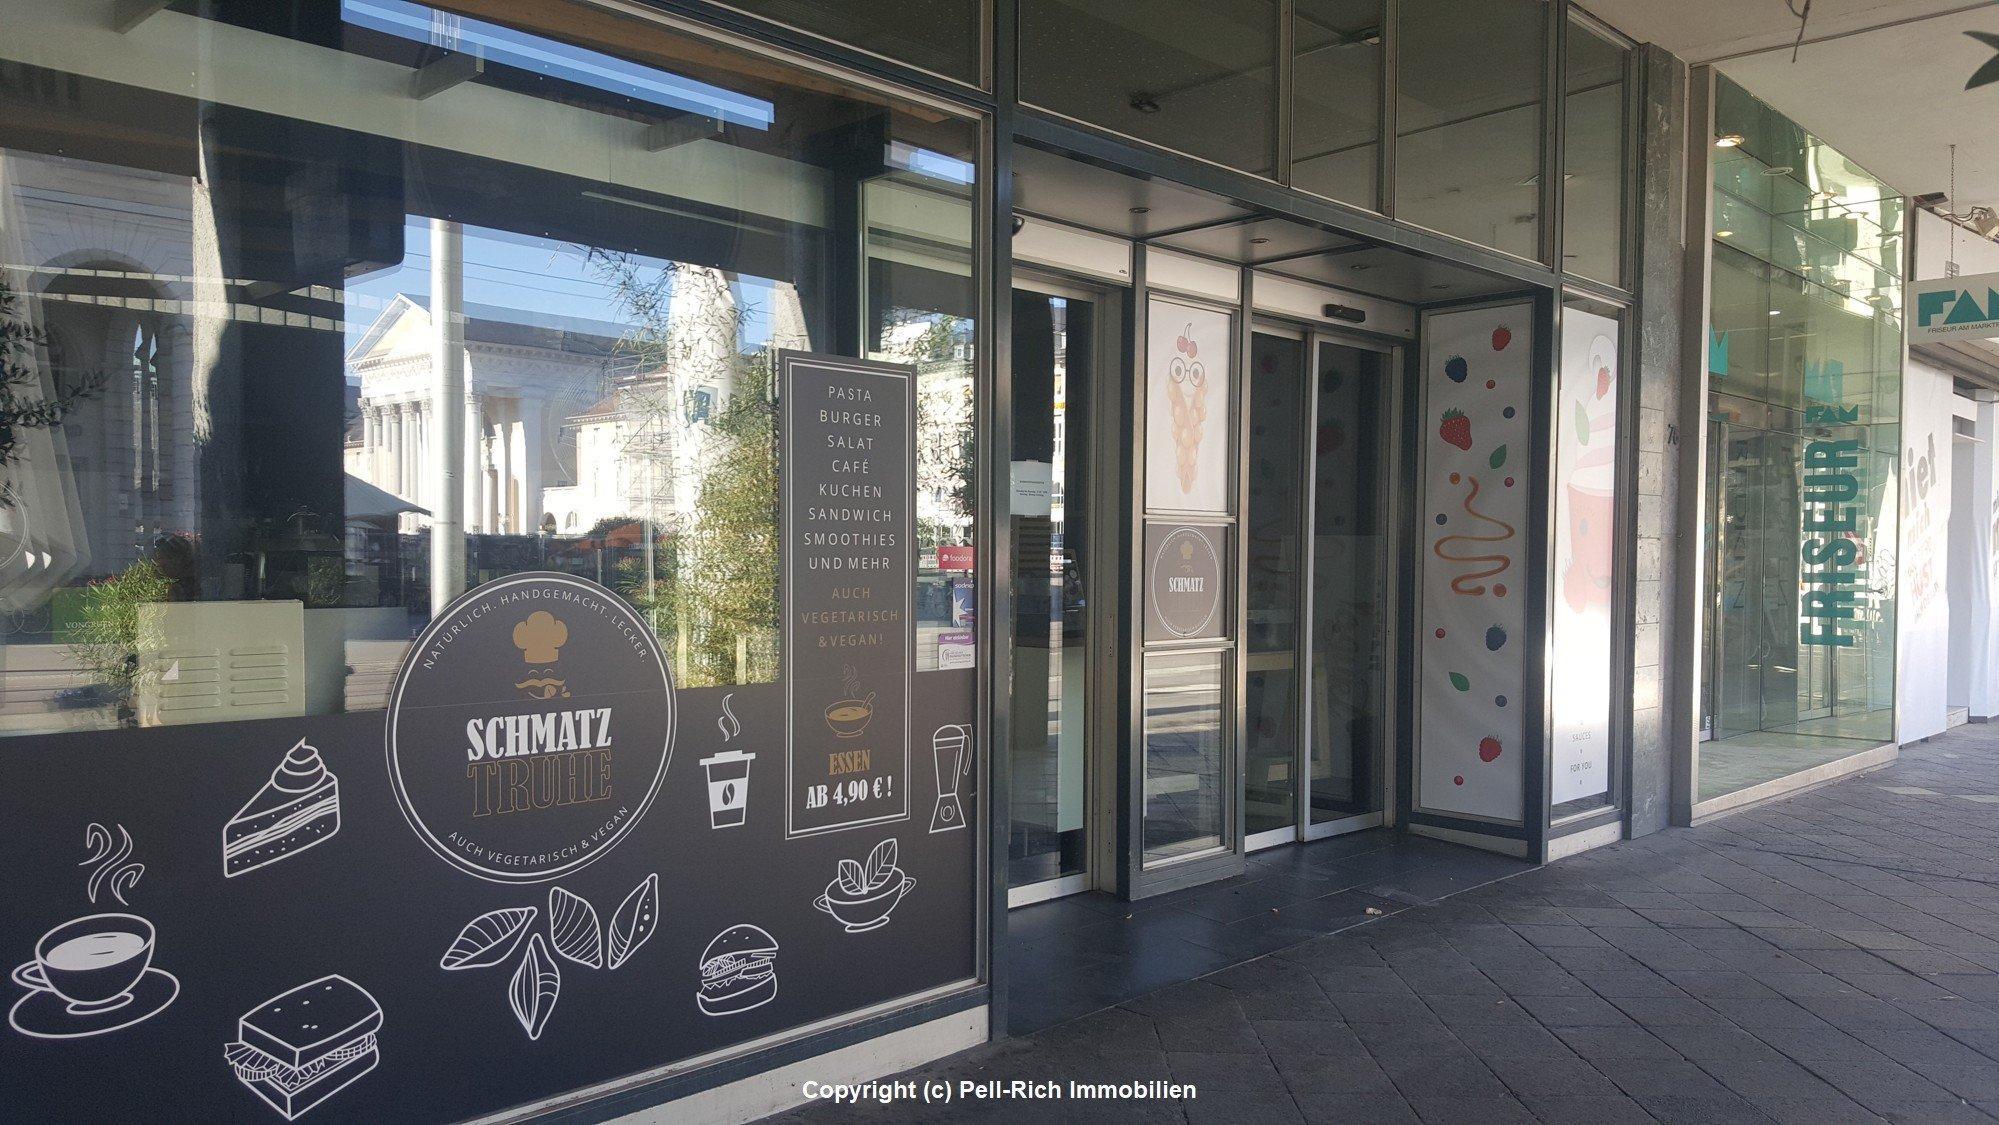 BESTLAGE: GASTRO-/Ladenlokal in Karlsruher 1-A Lage zum TOP-Mietpreis sichern!